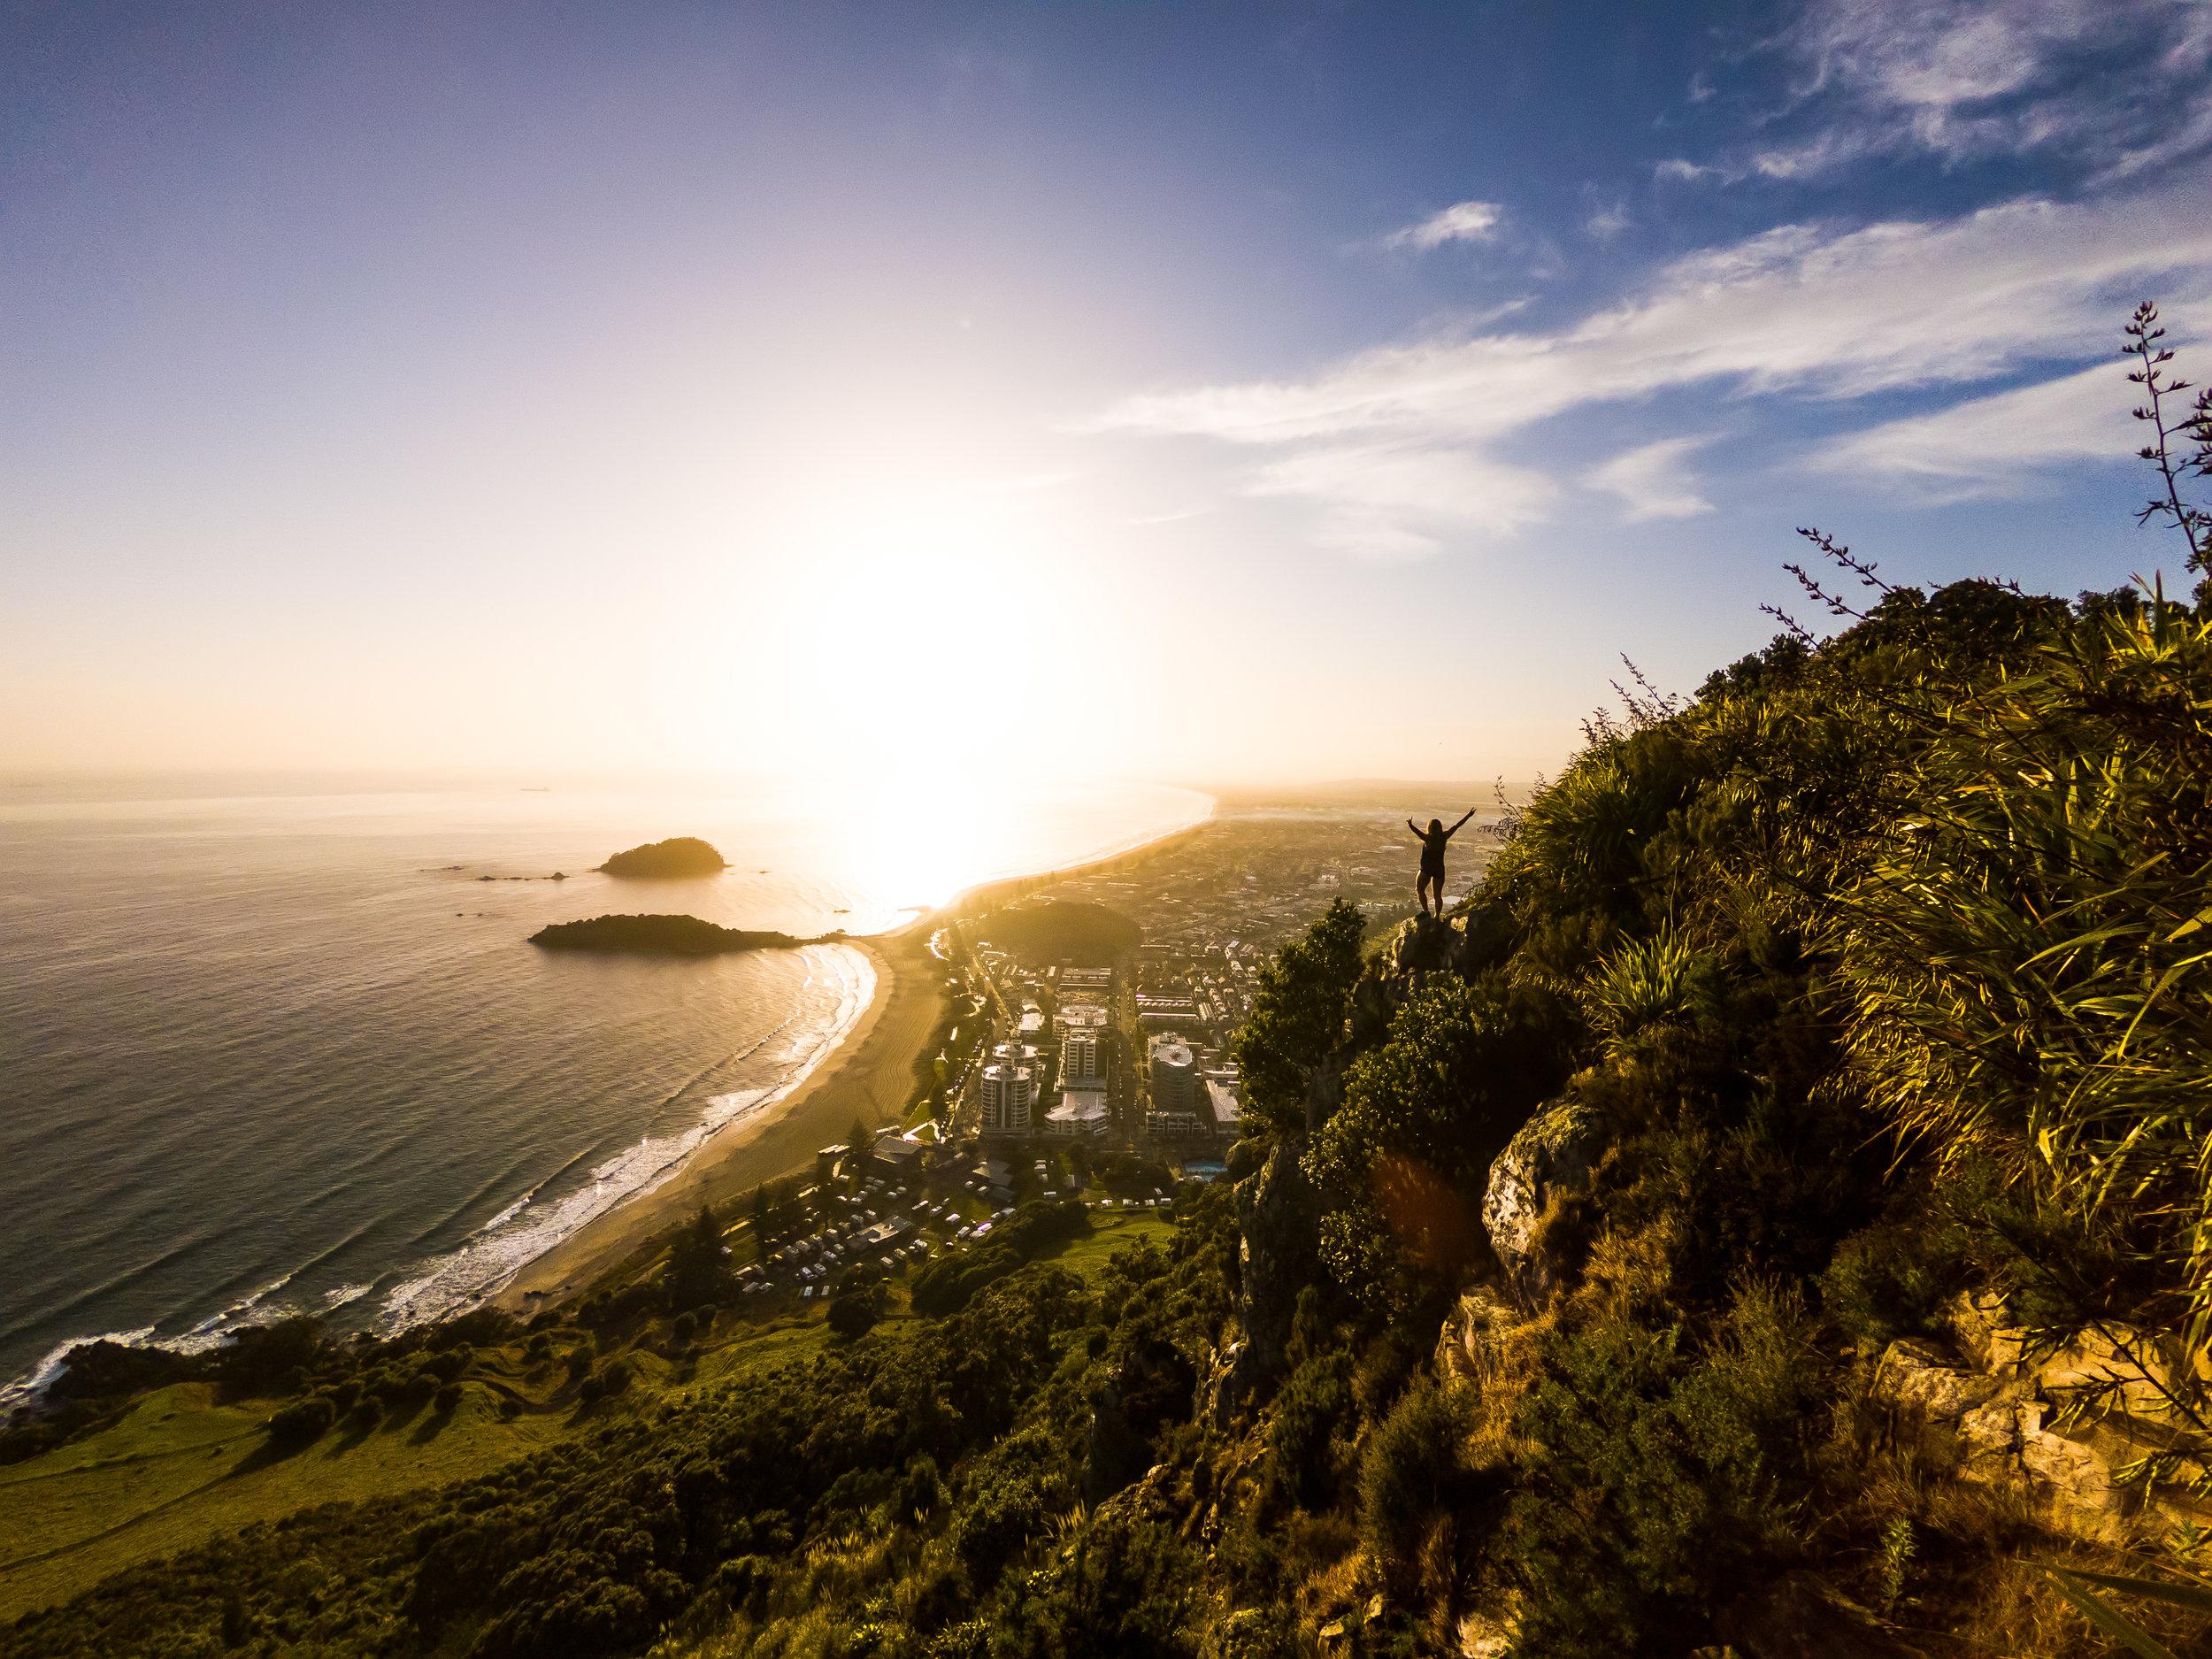 Mount_Sunrise  (1 of 1).JPG